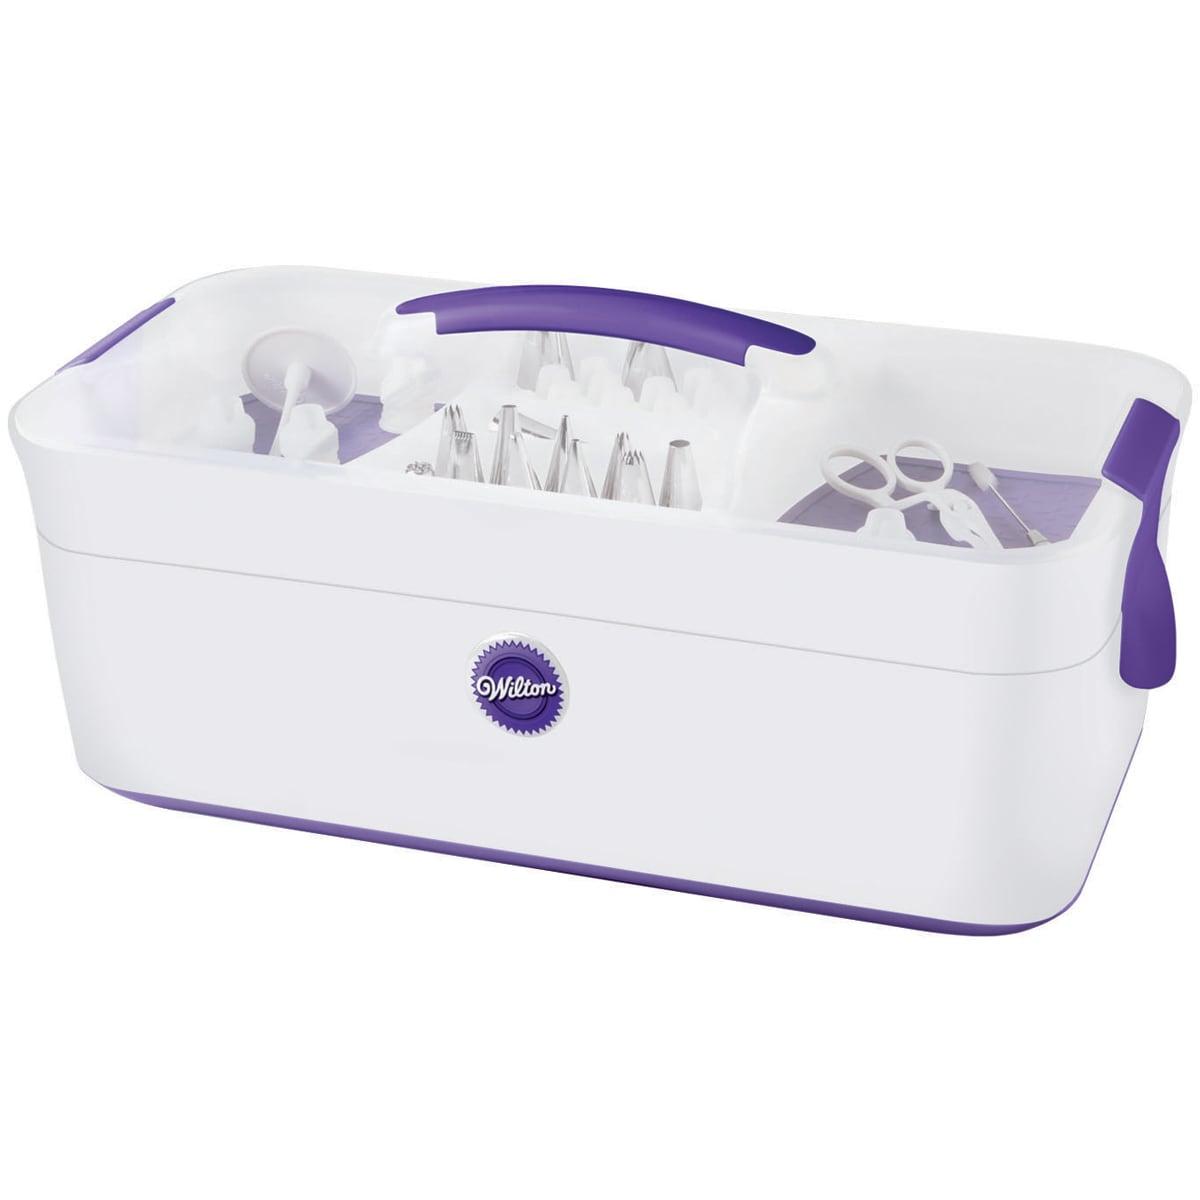 Wilton Decorate Smart Decorator White/Purple Preferred ...